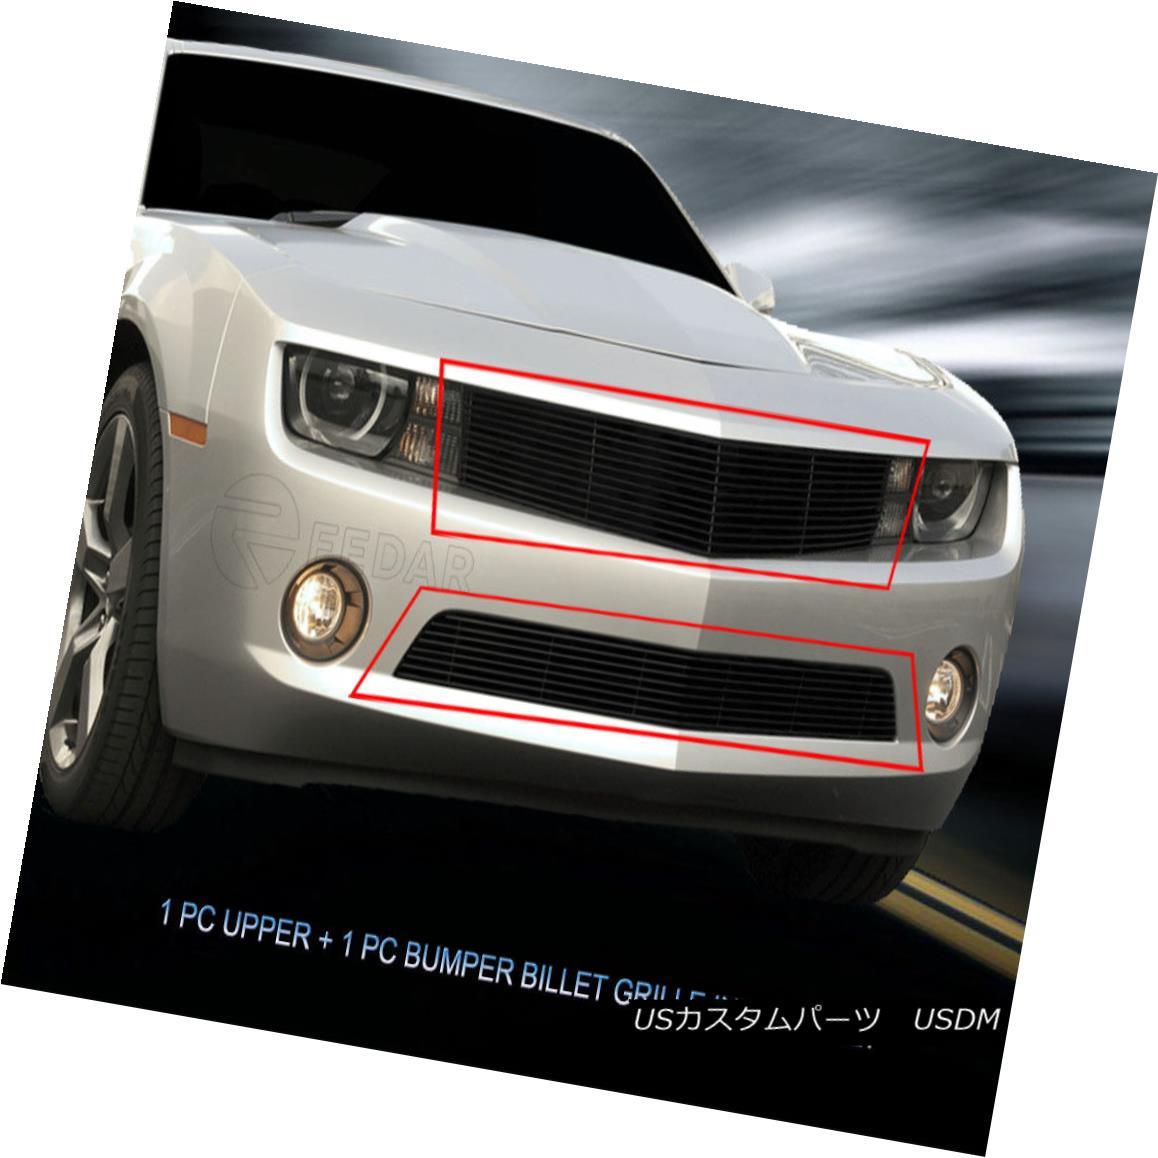 グリル 2010-2013 Chevy Camaro LT/LS V6 Black Billet Grille Grill Combo Insert Fedar 2010-2013シボレーカマロLT / LS V6ブラックビレットグリルグリルコンボインサートFedar